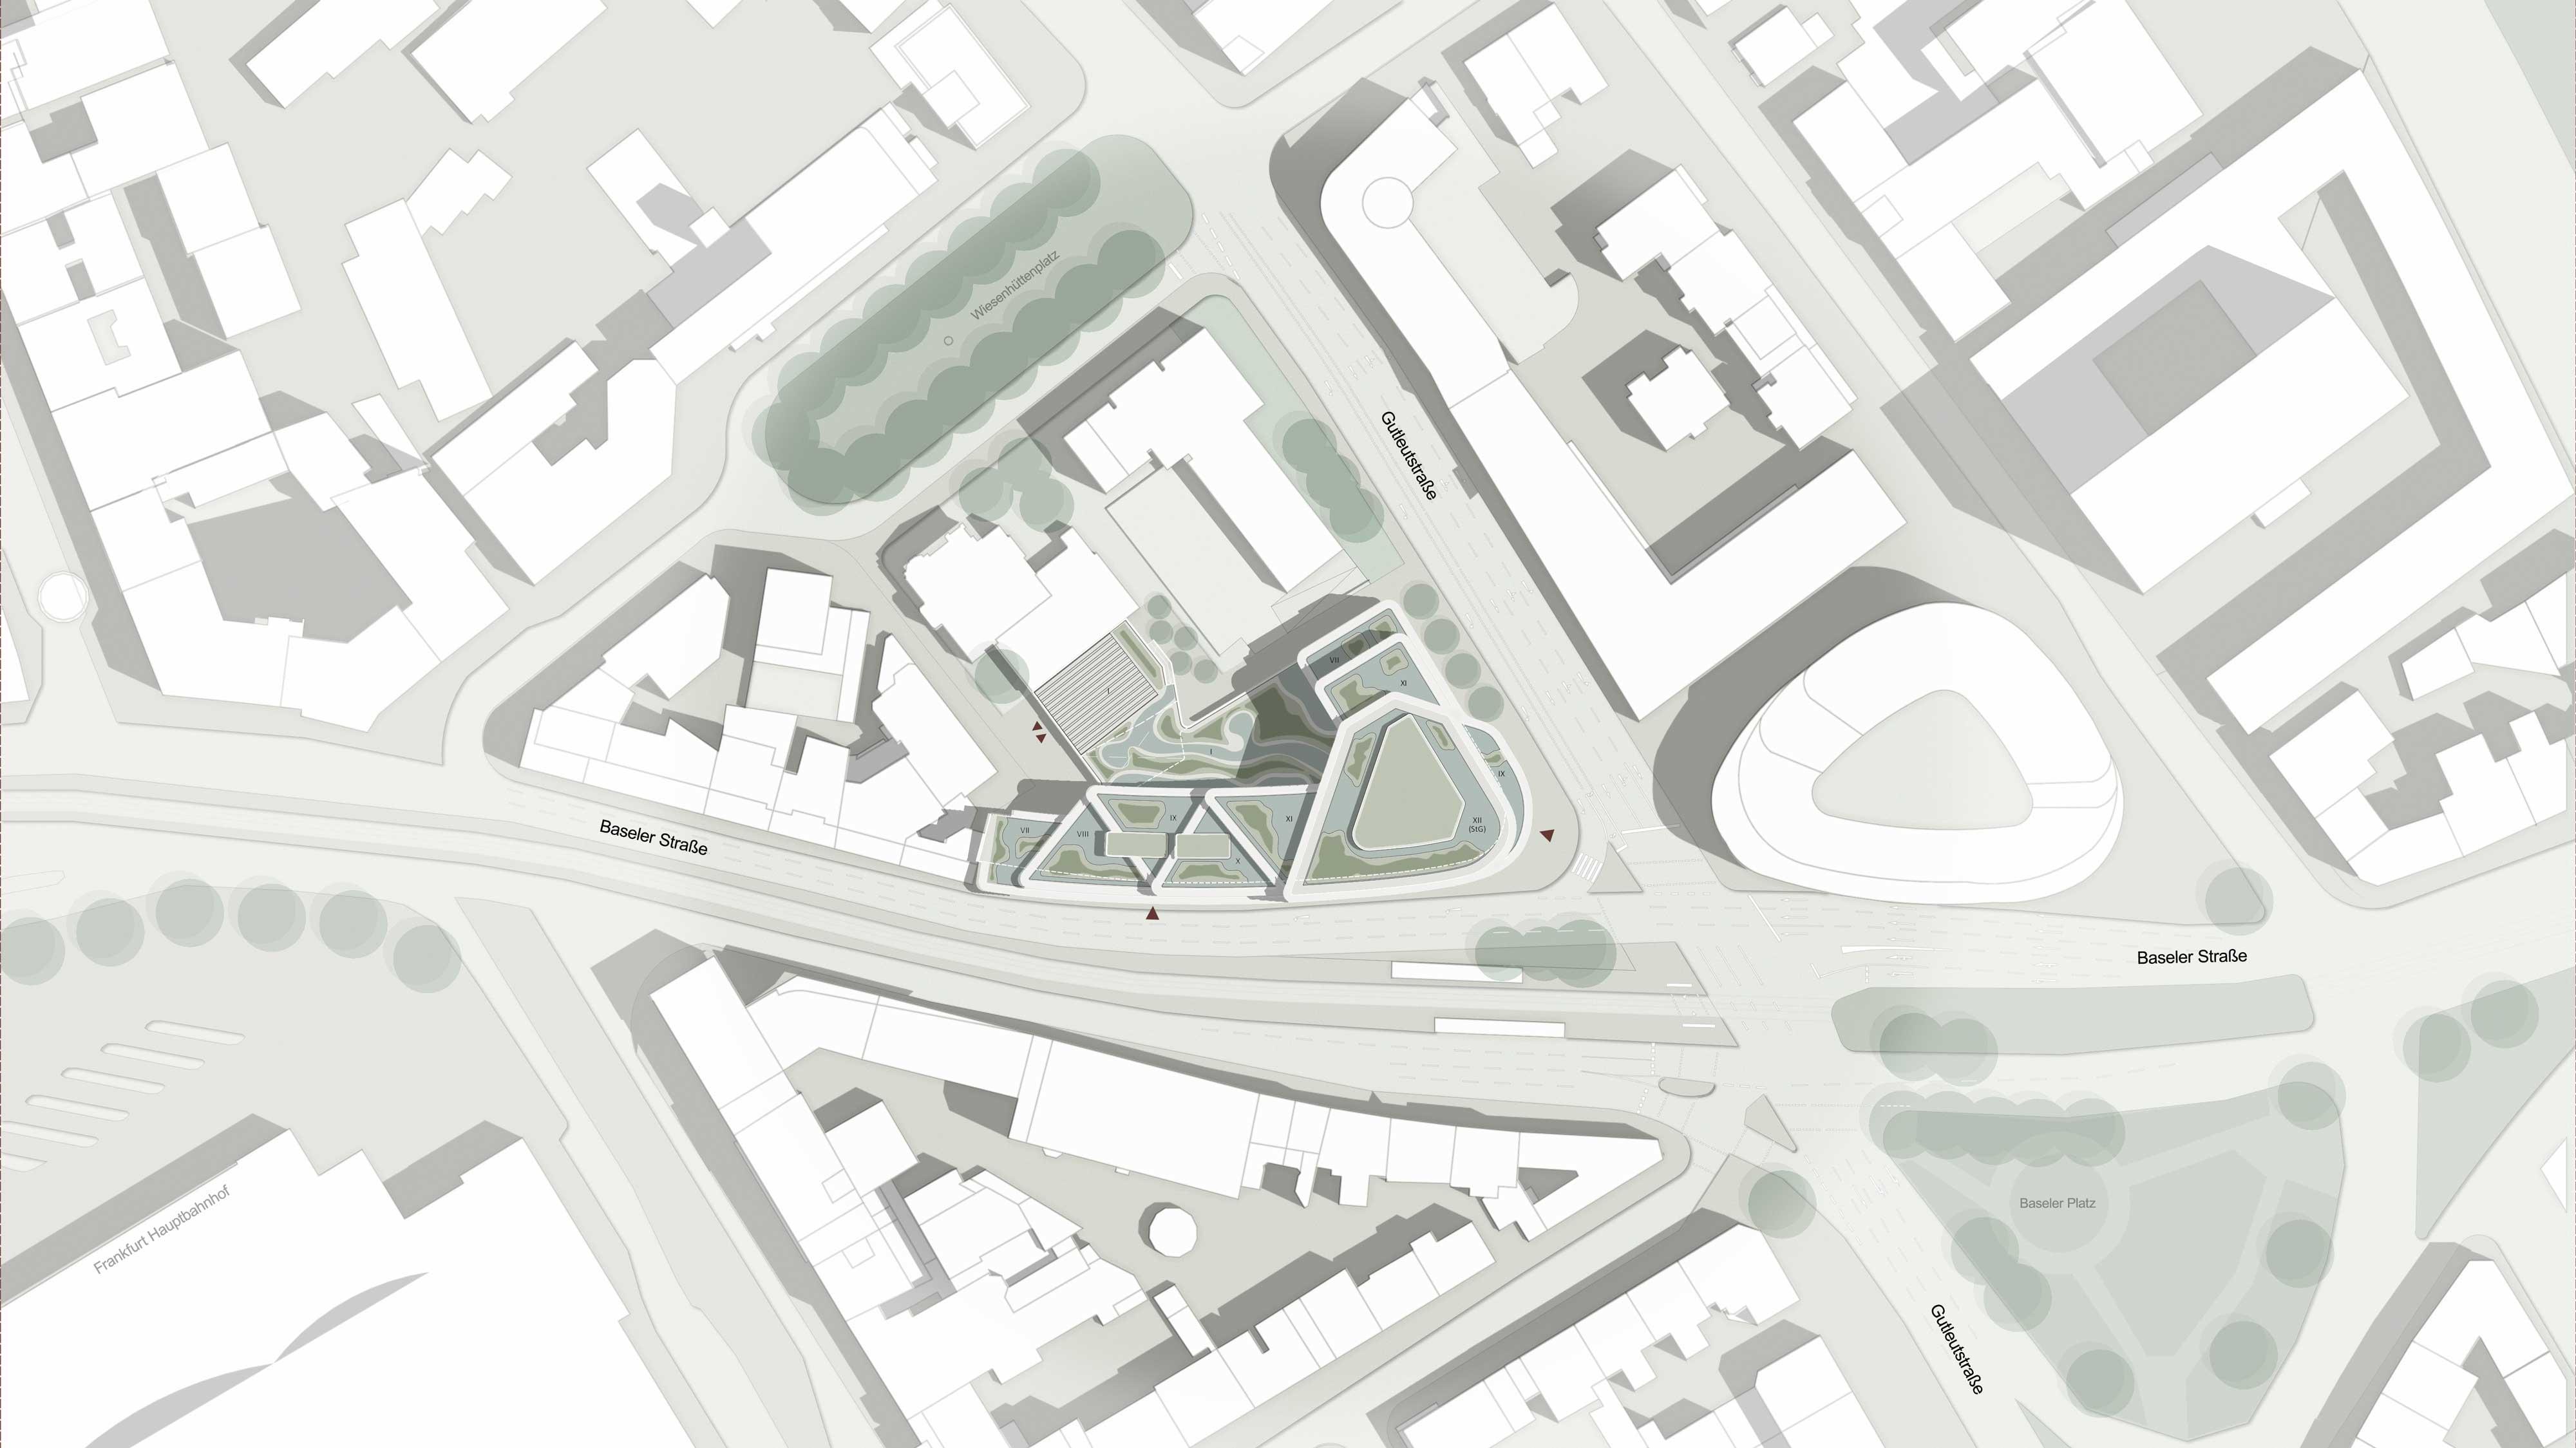 202010.architektenkontor.kreisler.lageplan.jpg